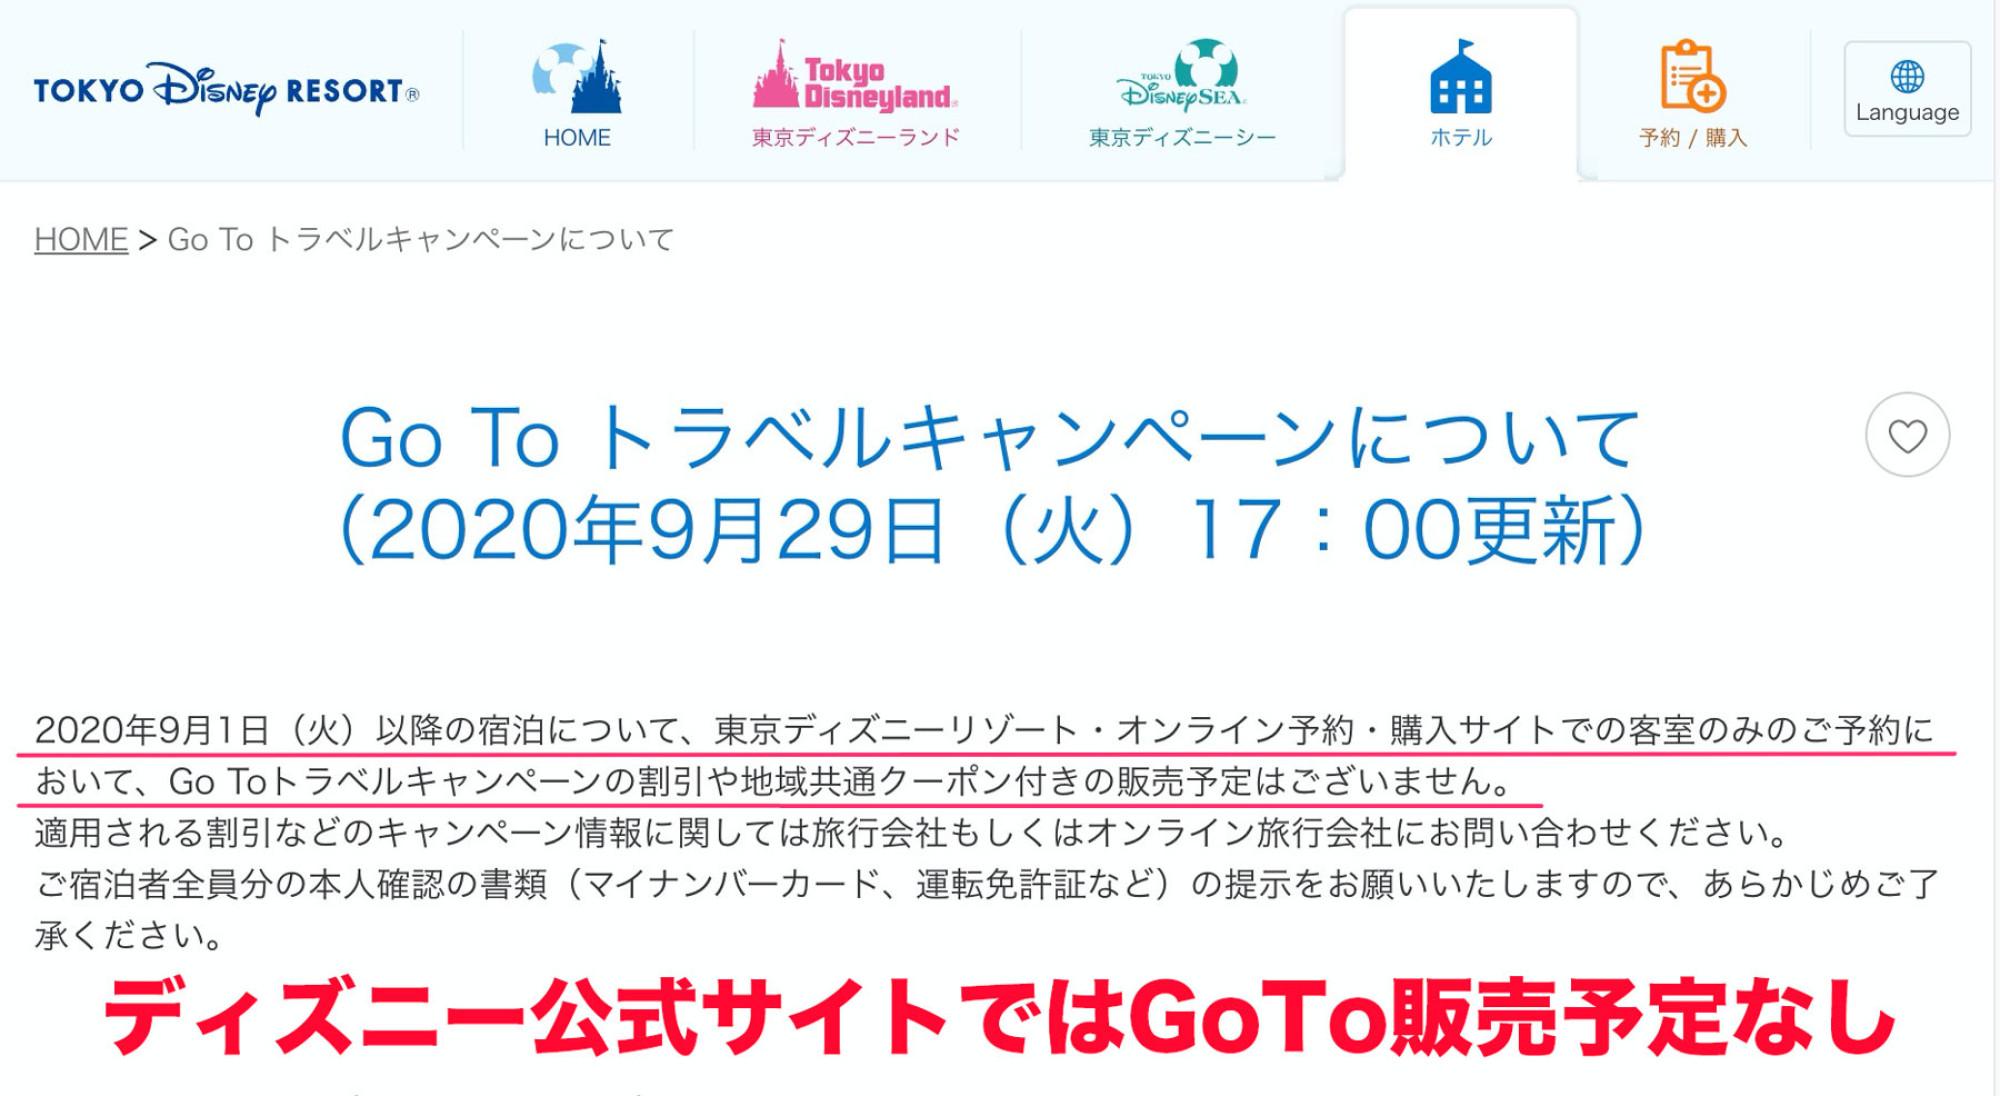 ディズニーリゾート:GoToトラベルキャンペーンについて